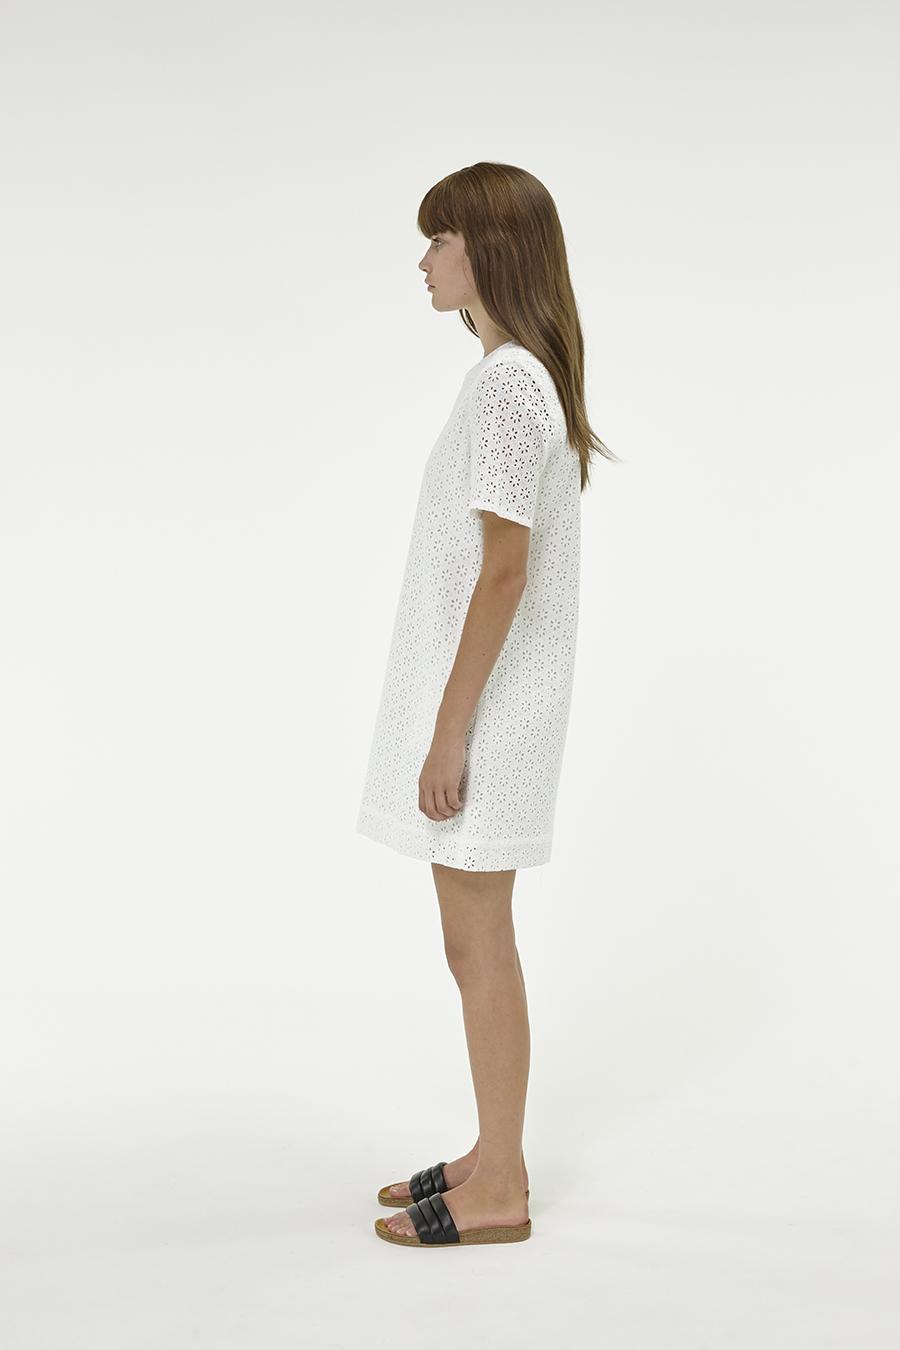 Huffer_Q3-16_W-Hope-Shell-Dress_White-02